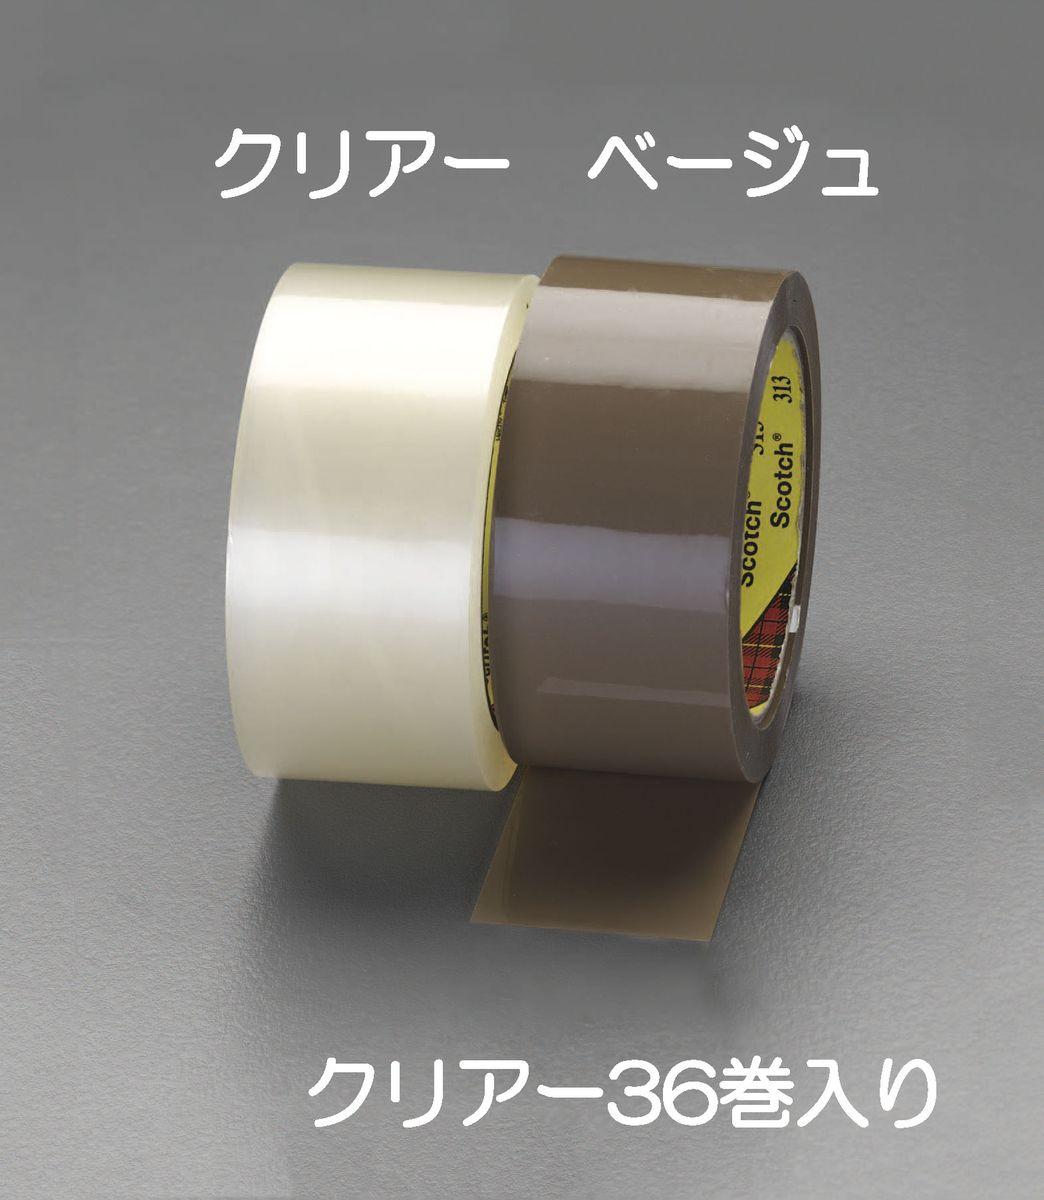 【メーカー在庫あり】 エスコ ESCO 48mmx100m OPP梱包用テープ 透明/36巻 000012242412 JP店